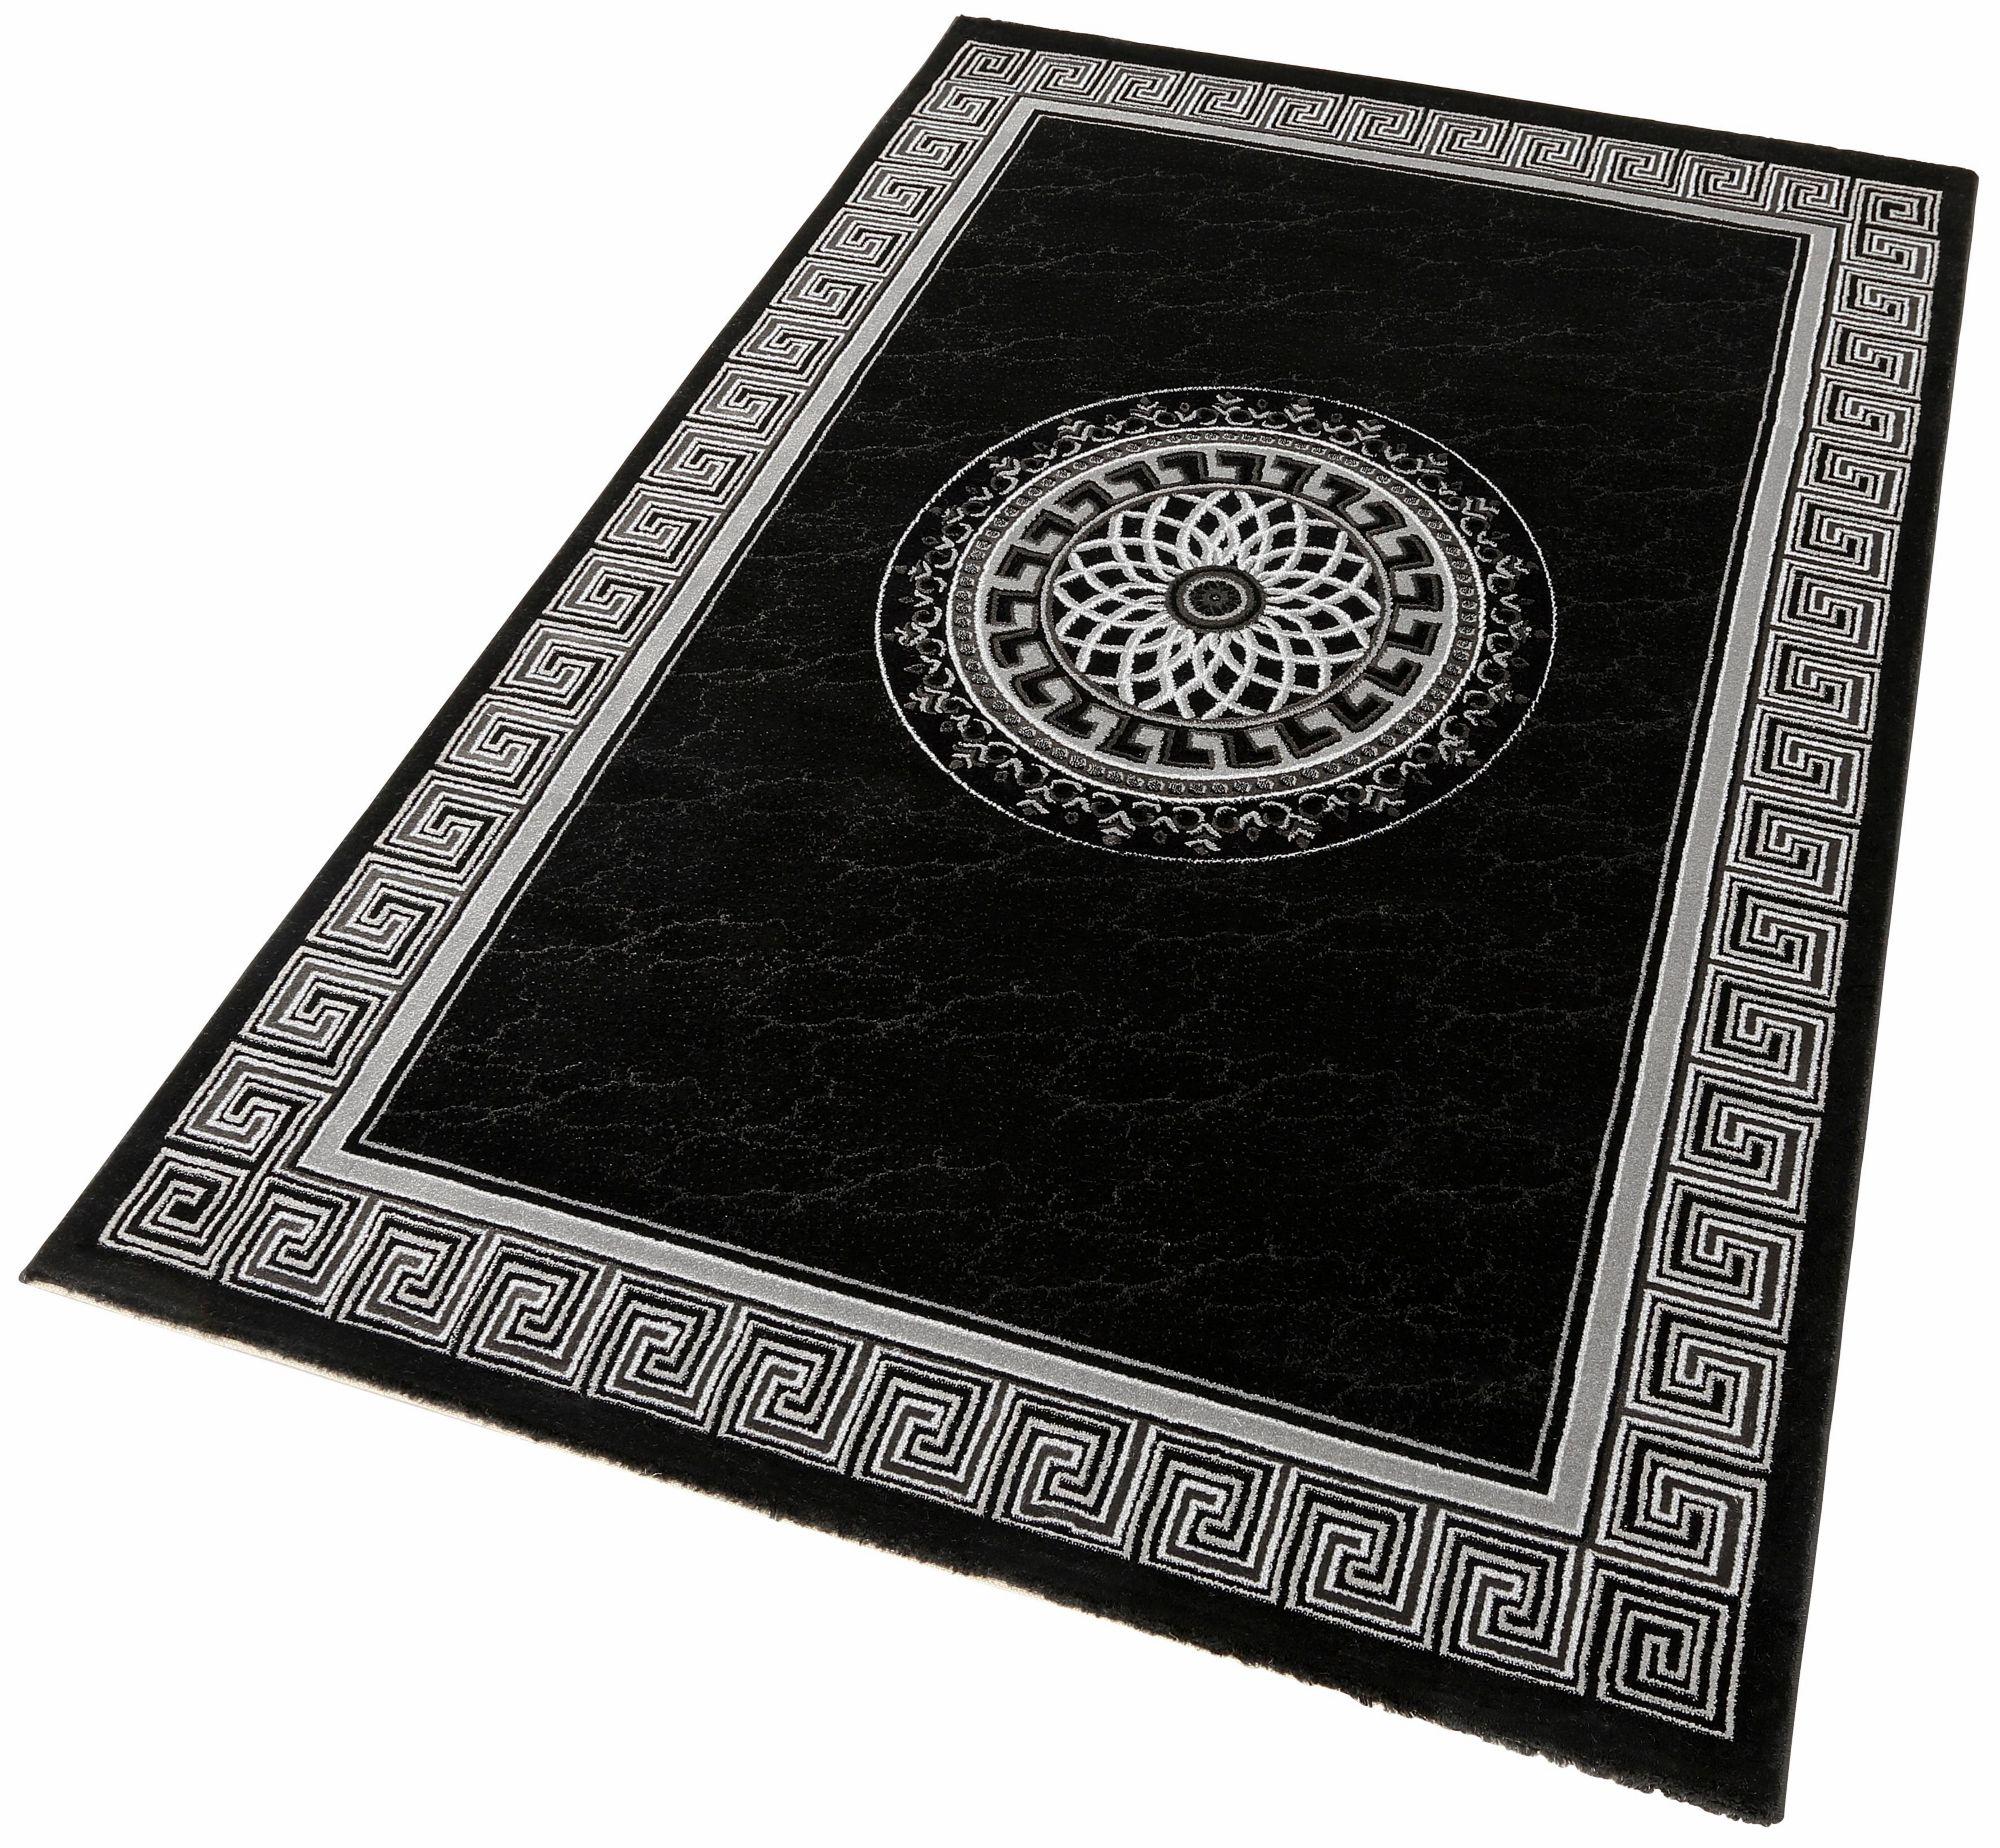 Teppich, »Aura 776«, Lalee, rechteckig, Höhe 15 mm, maschinell gewebt